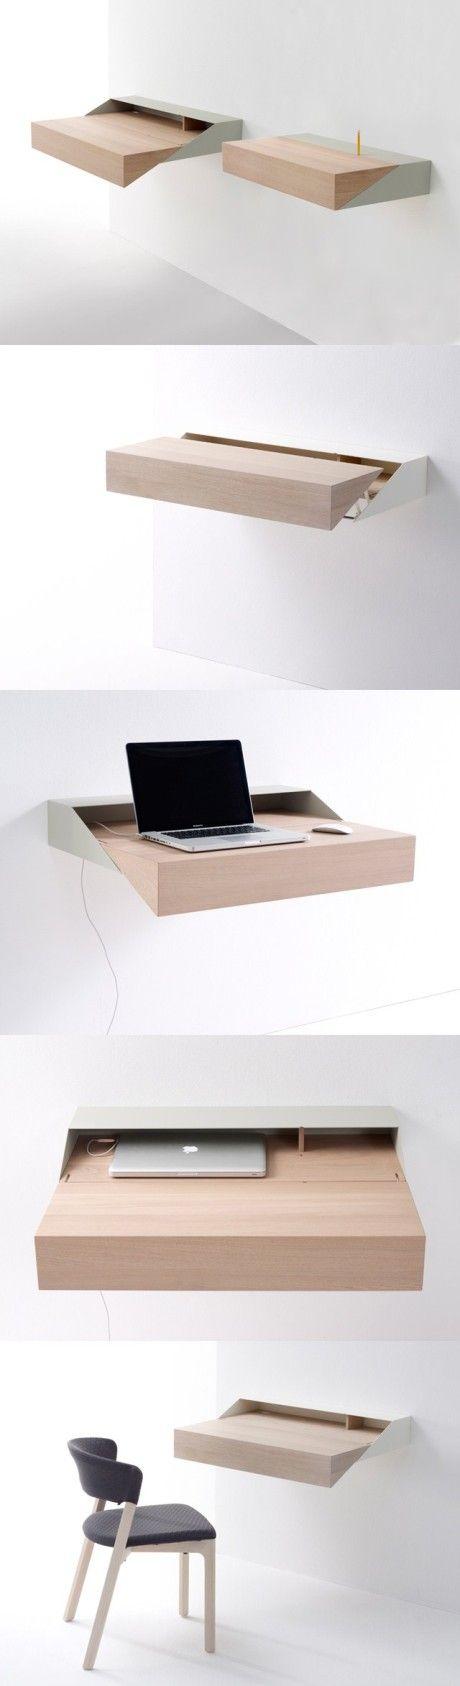 Space saving laptop table